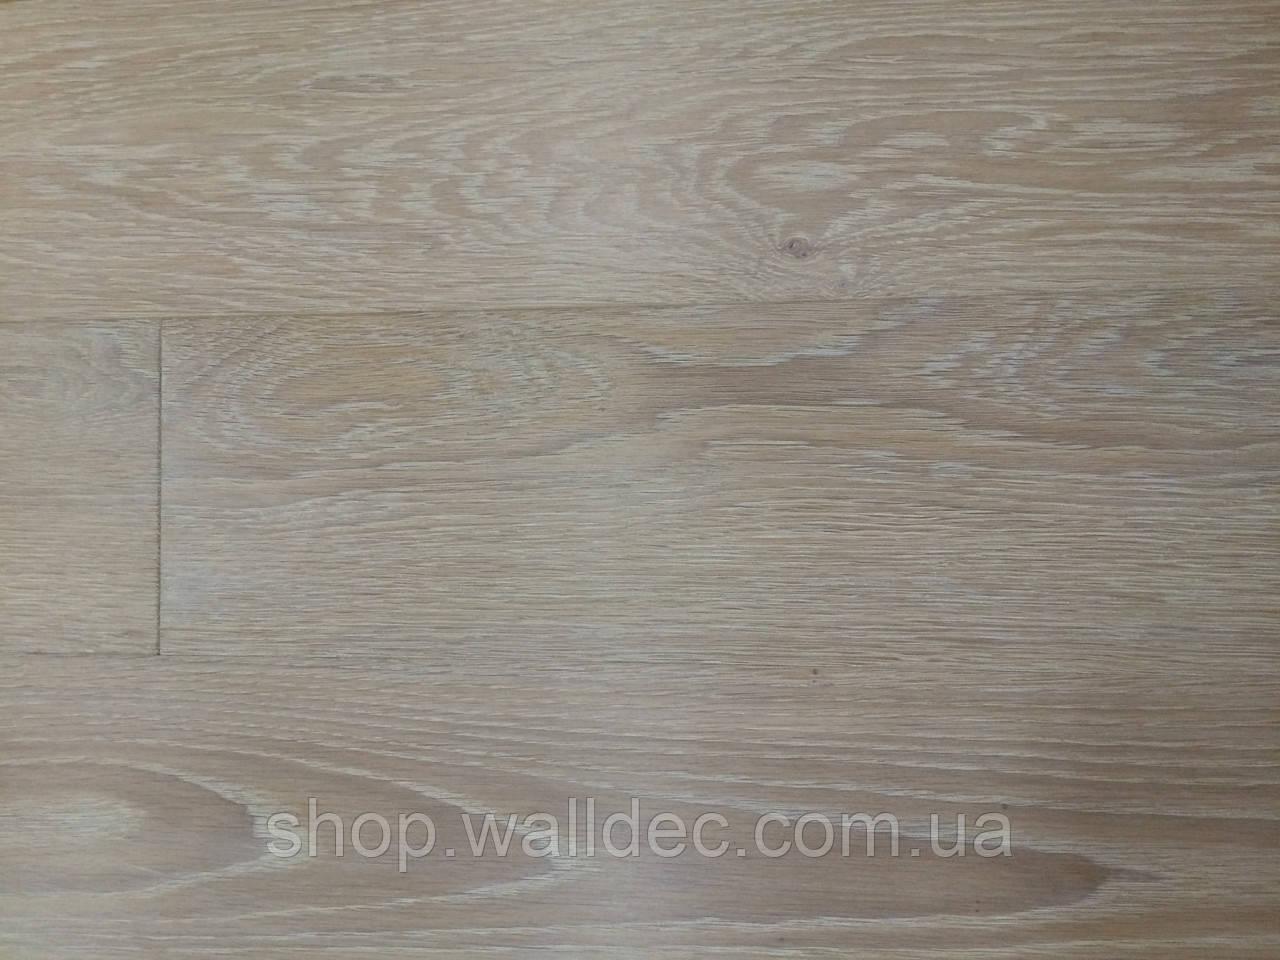 Паркетная доска из дуба Oak GLAZER 120/140мм